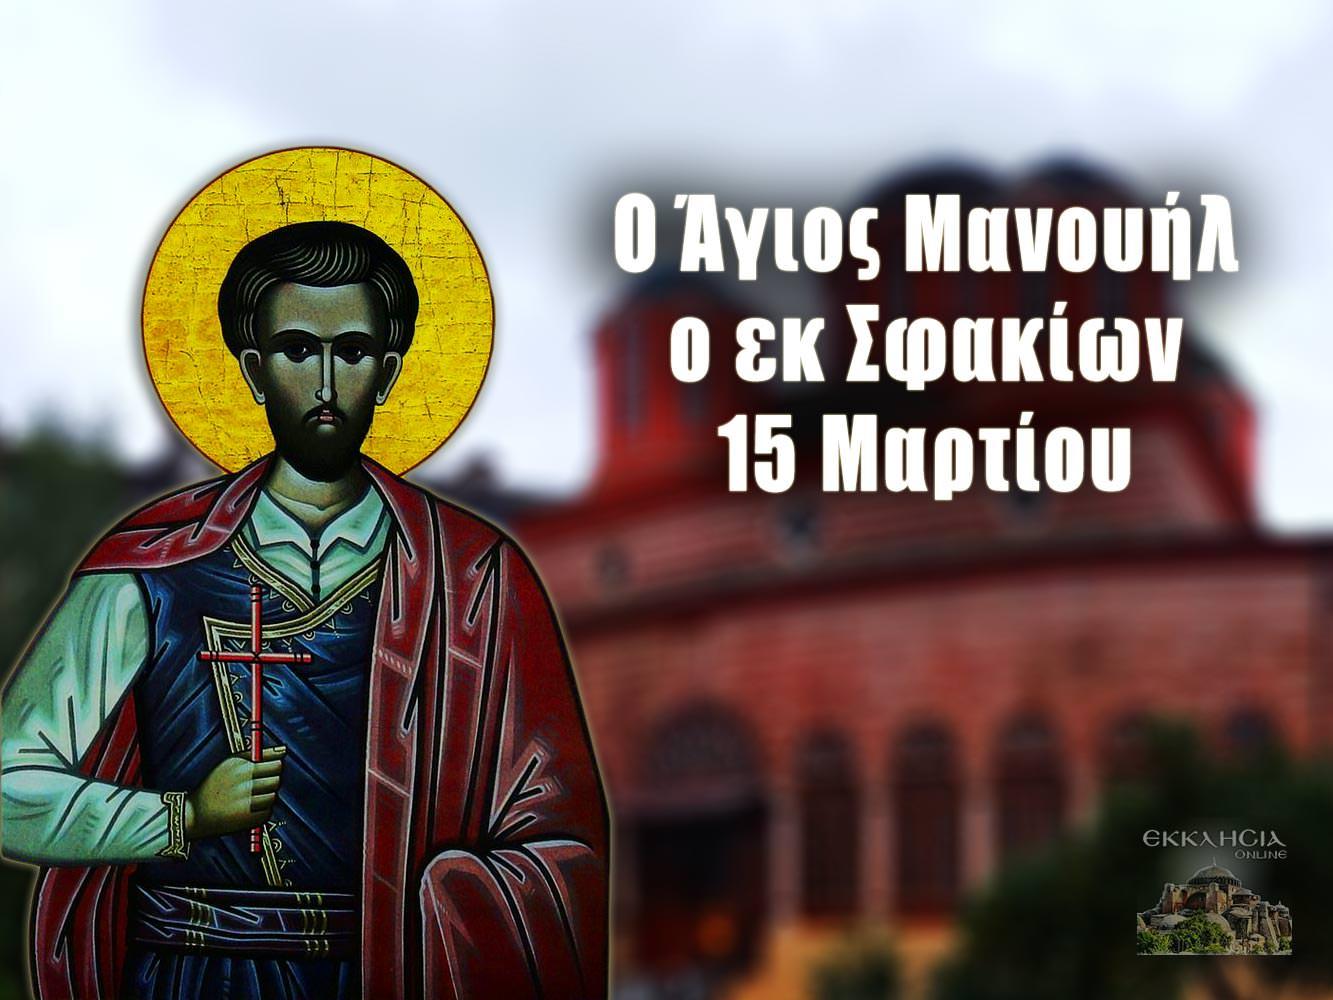 Άγιος Μανουήλ ο εκ Σφακίων 15 Μαρτίου